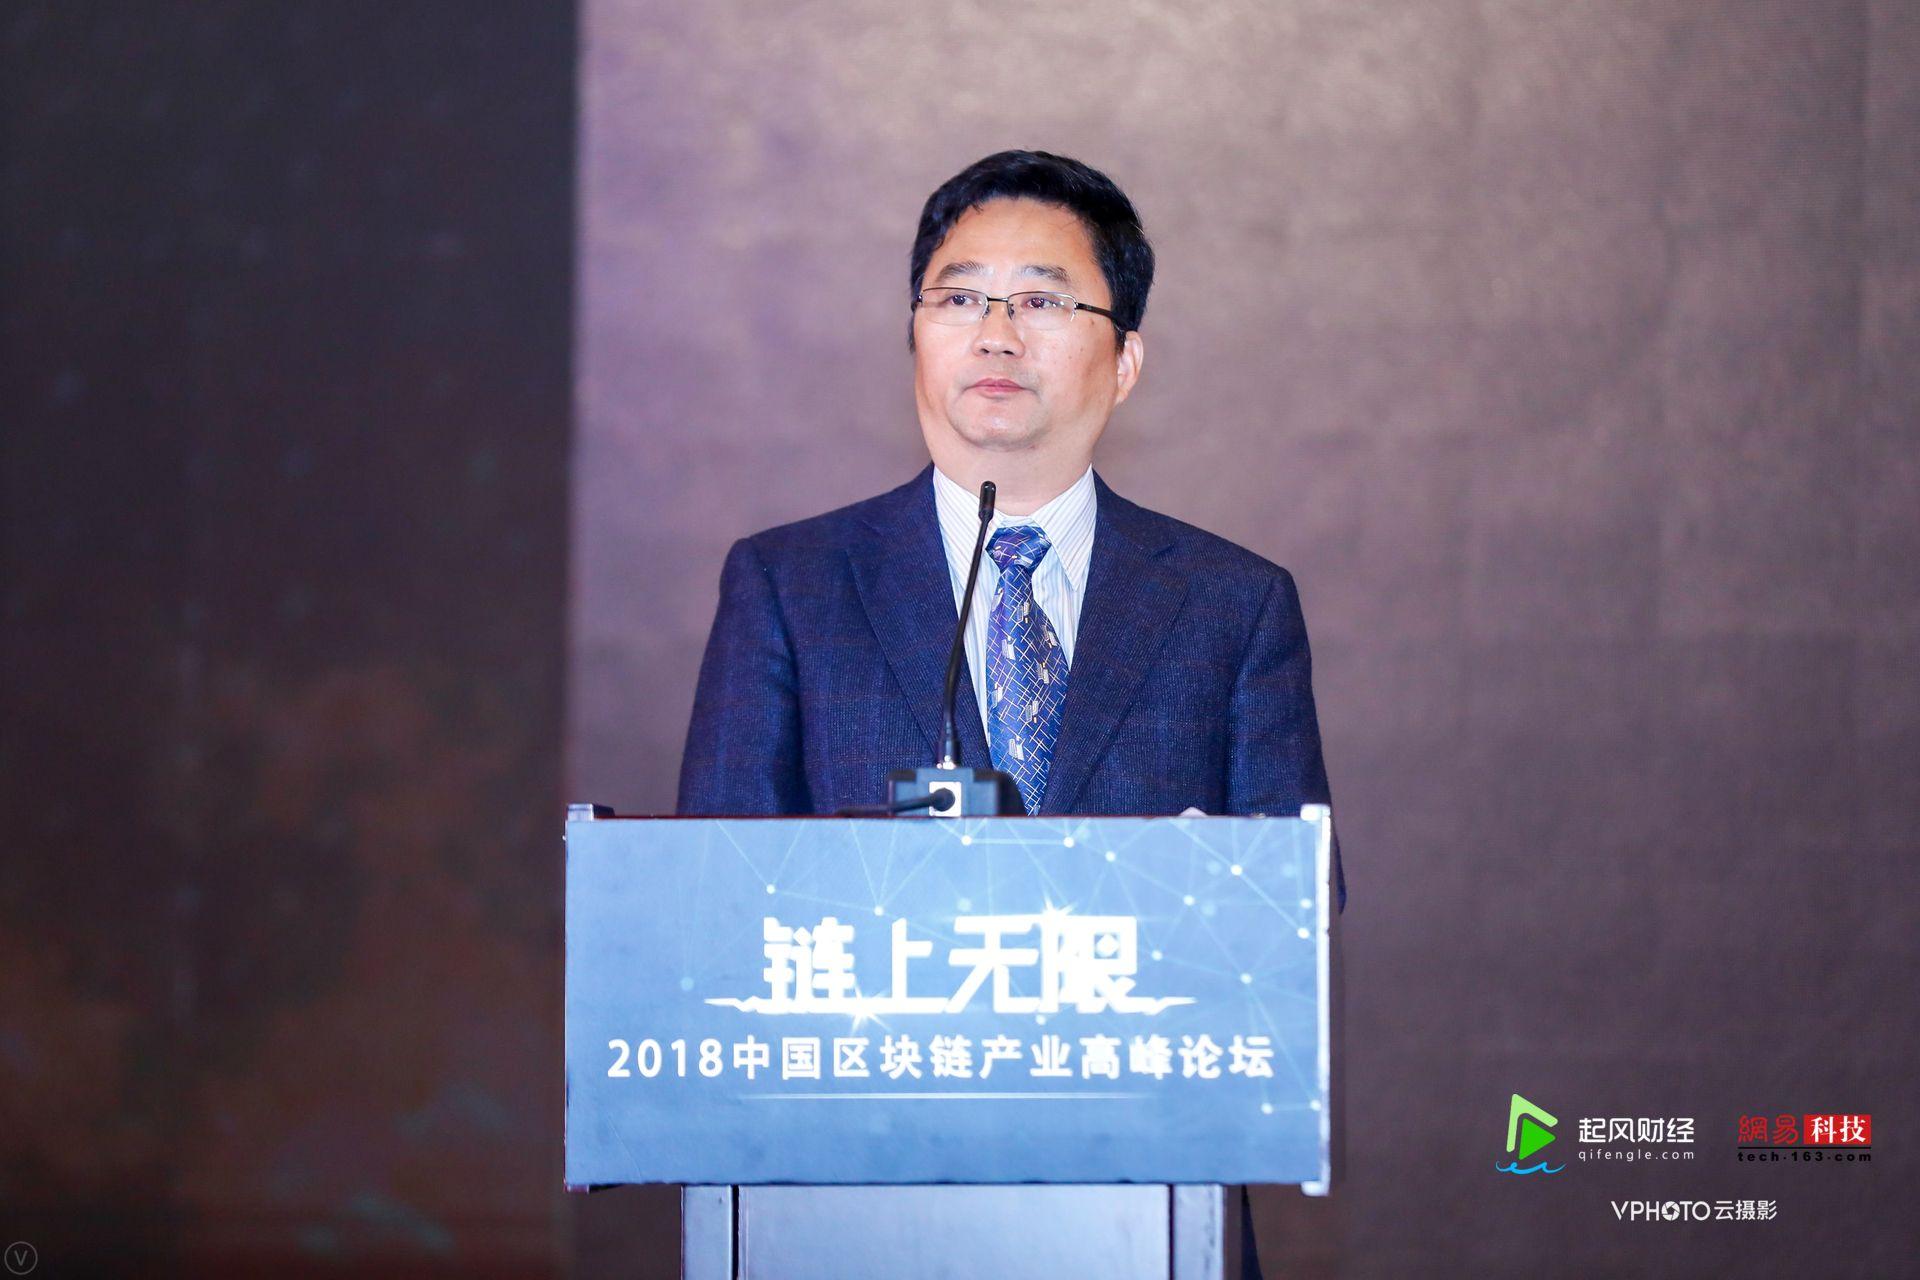 工信部童晓民:区块链正引领新一轮技术和产业变革